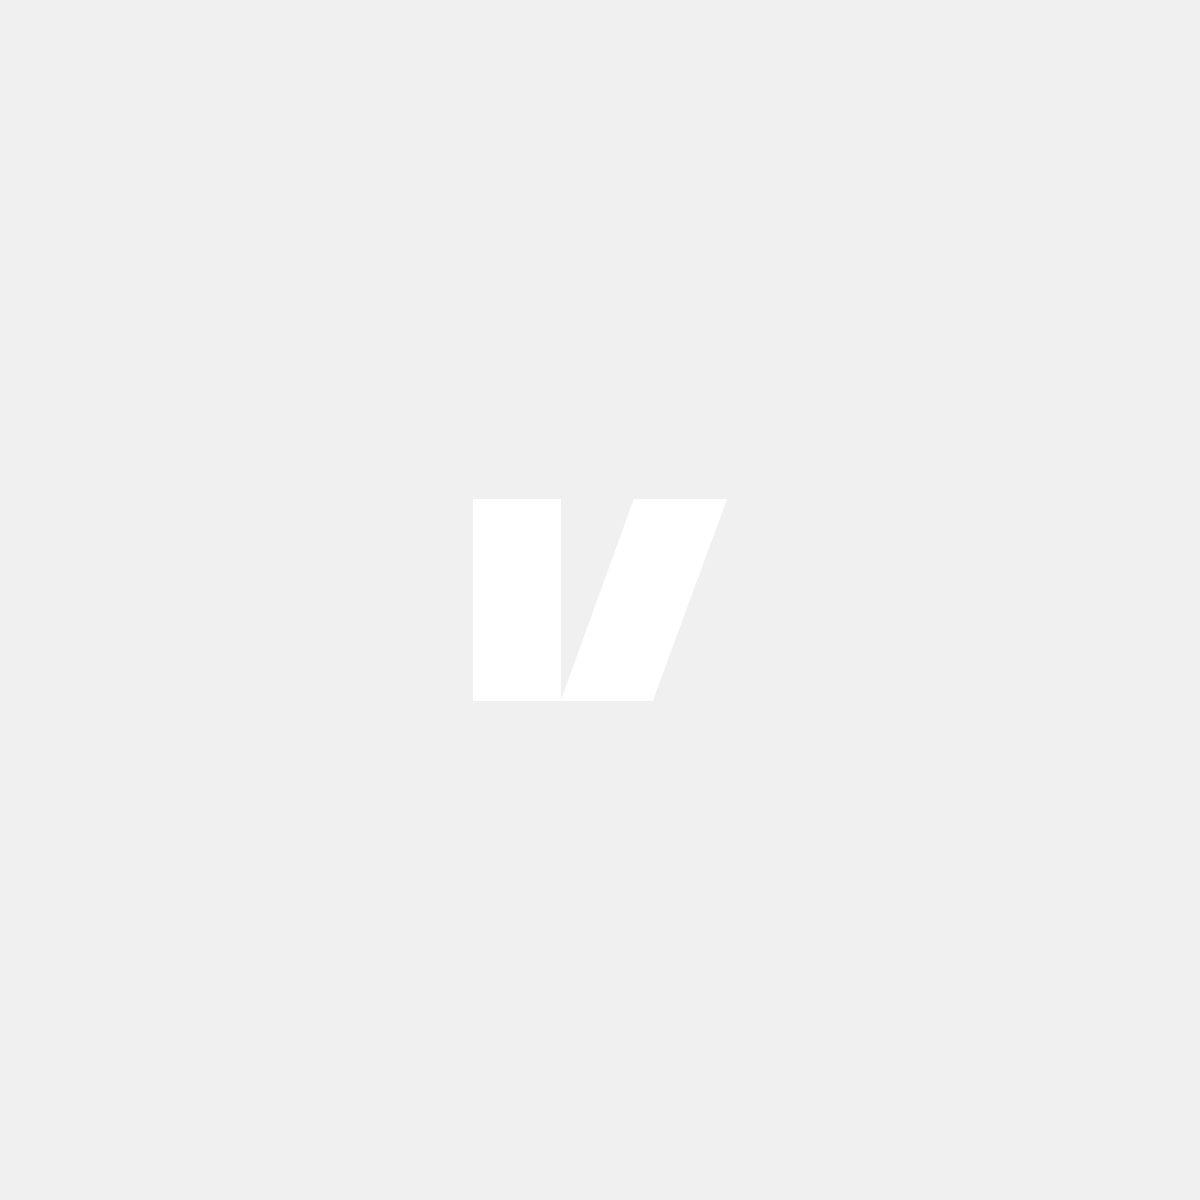 Strålkastare till Volvo S80, V70, XC70 08-, Förarsidan